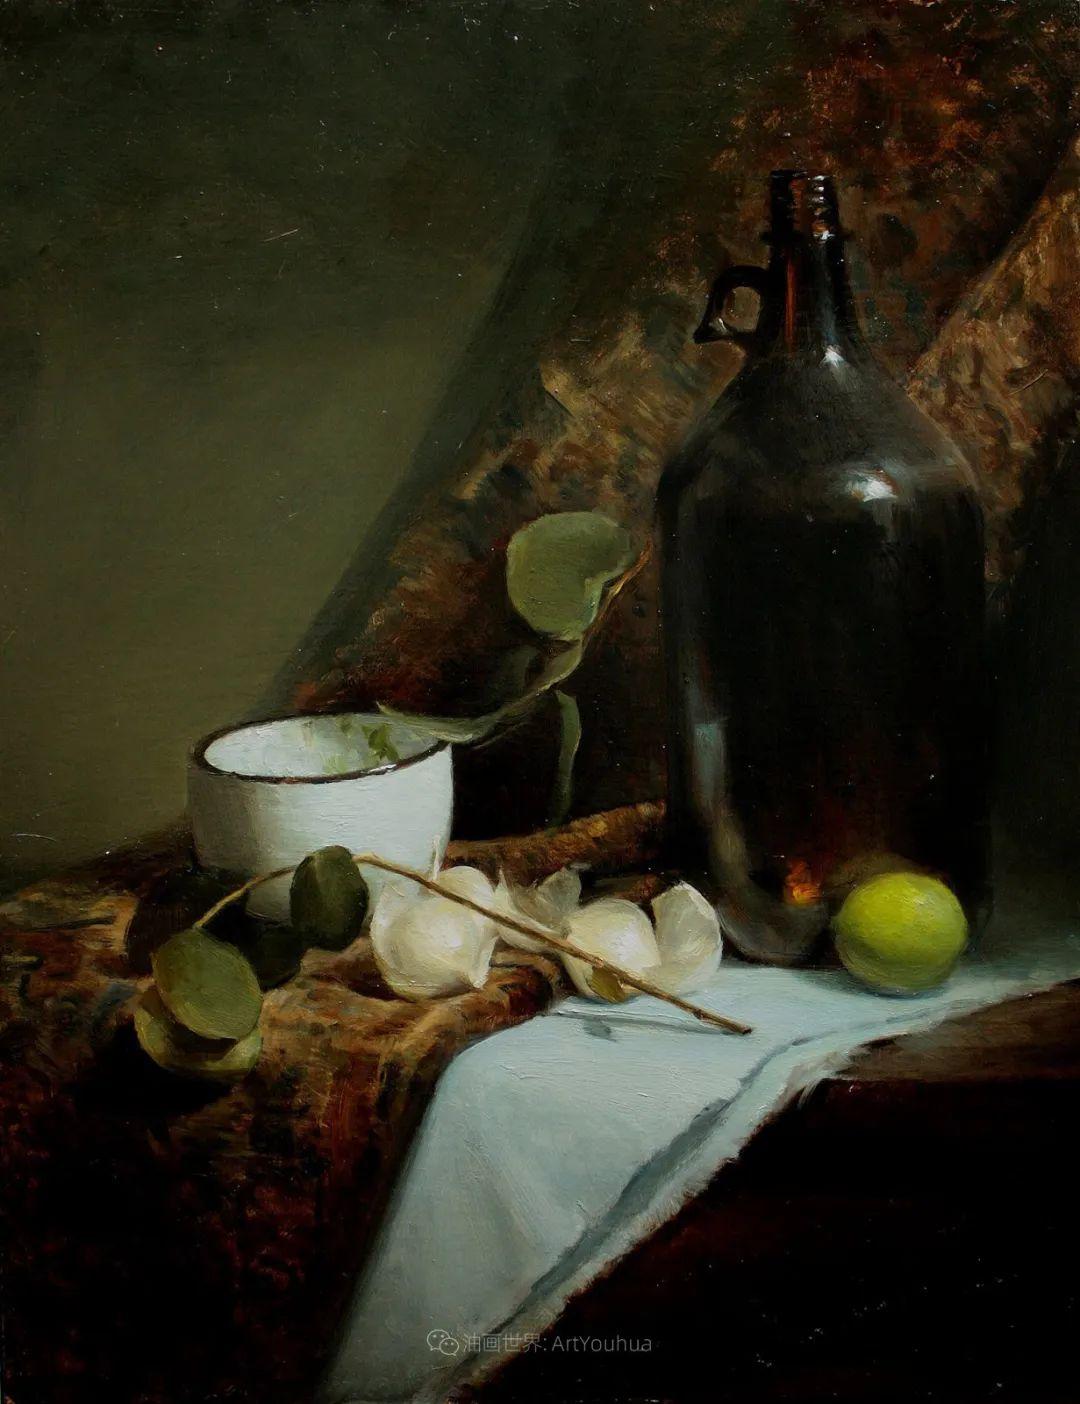 水果与静物,美国女画家莉亚·洛佩兹画选插图15